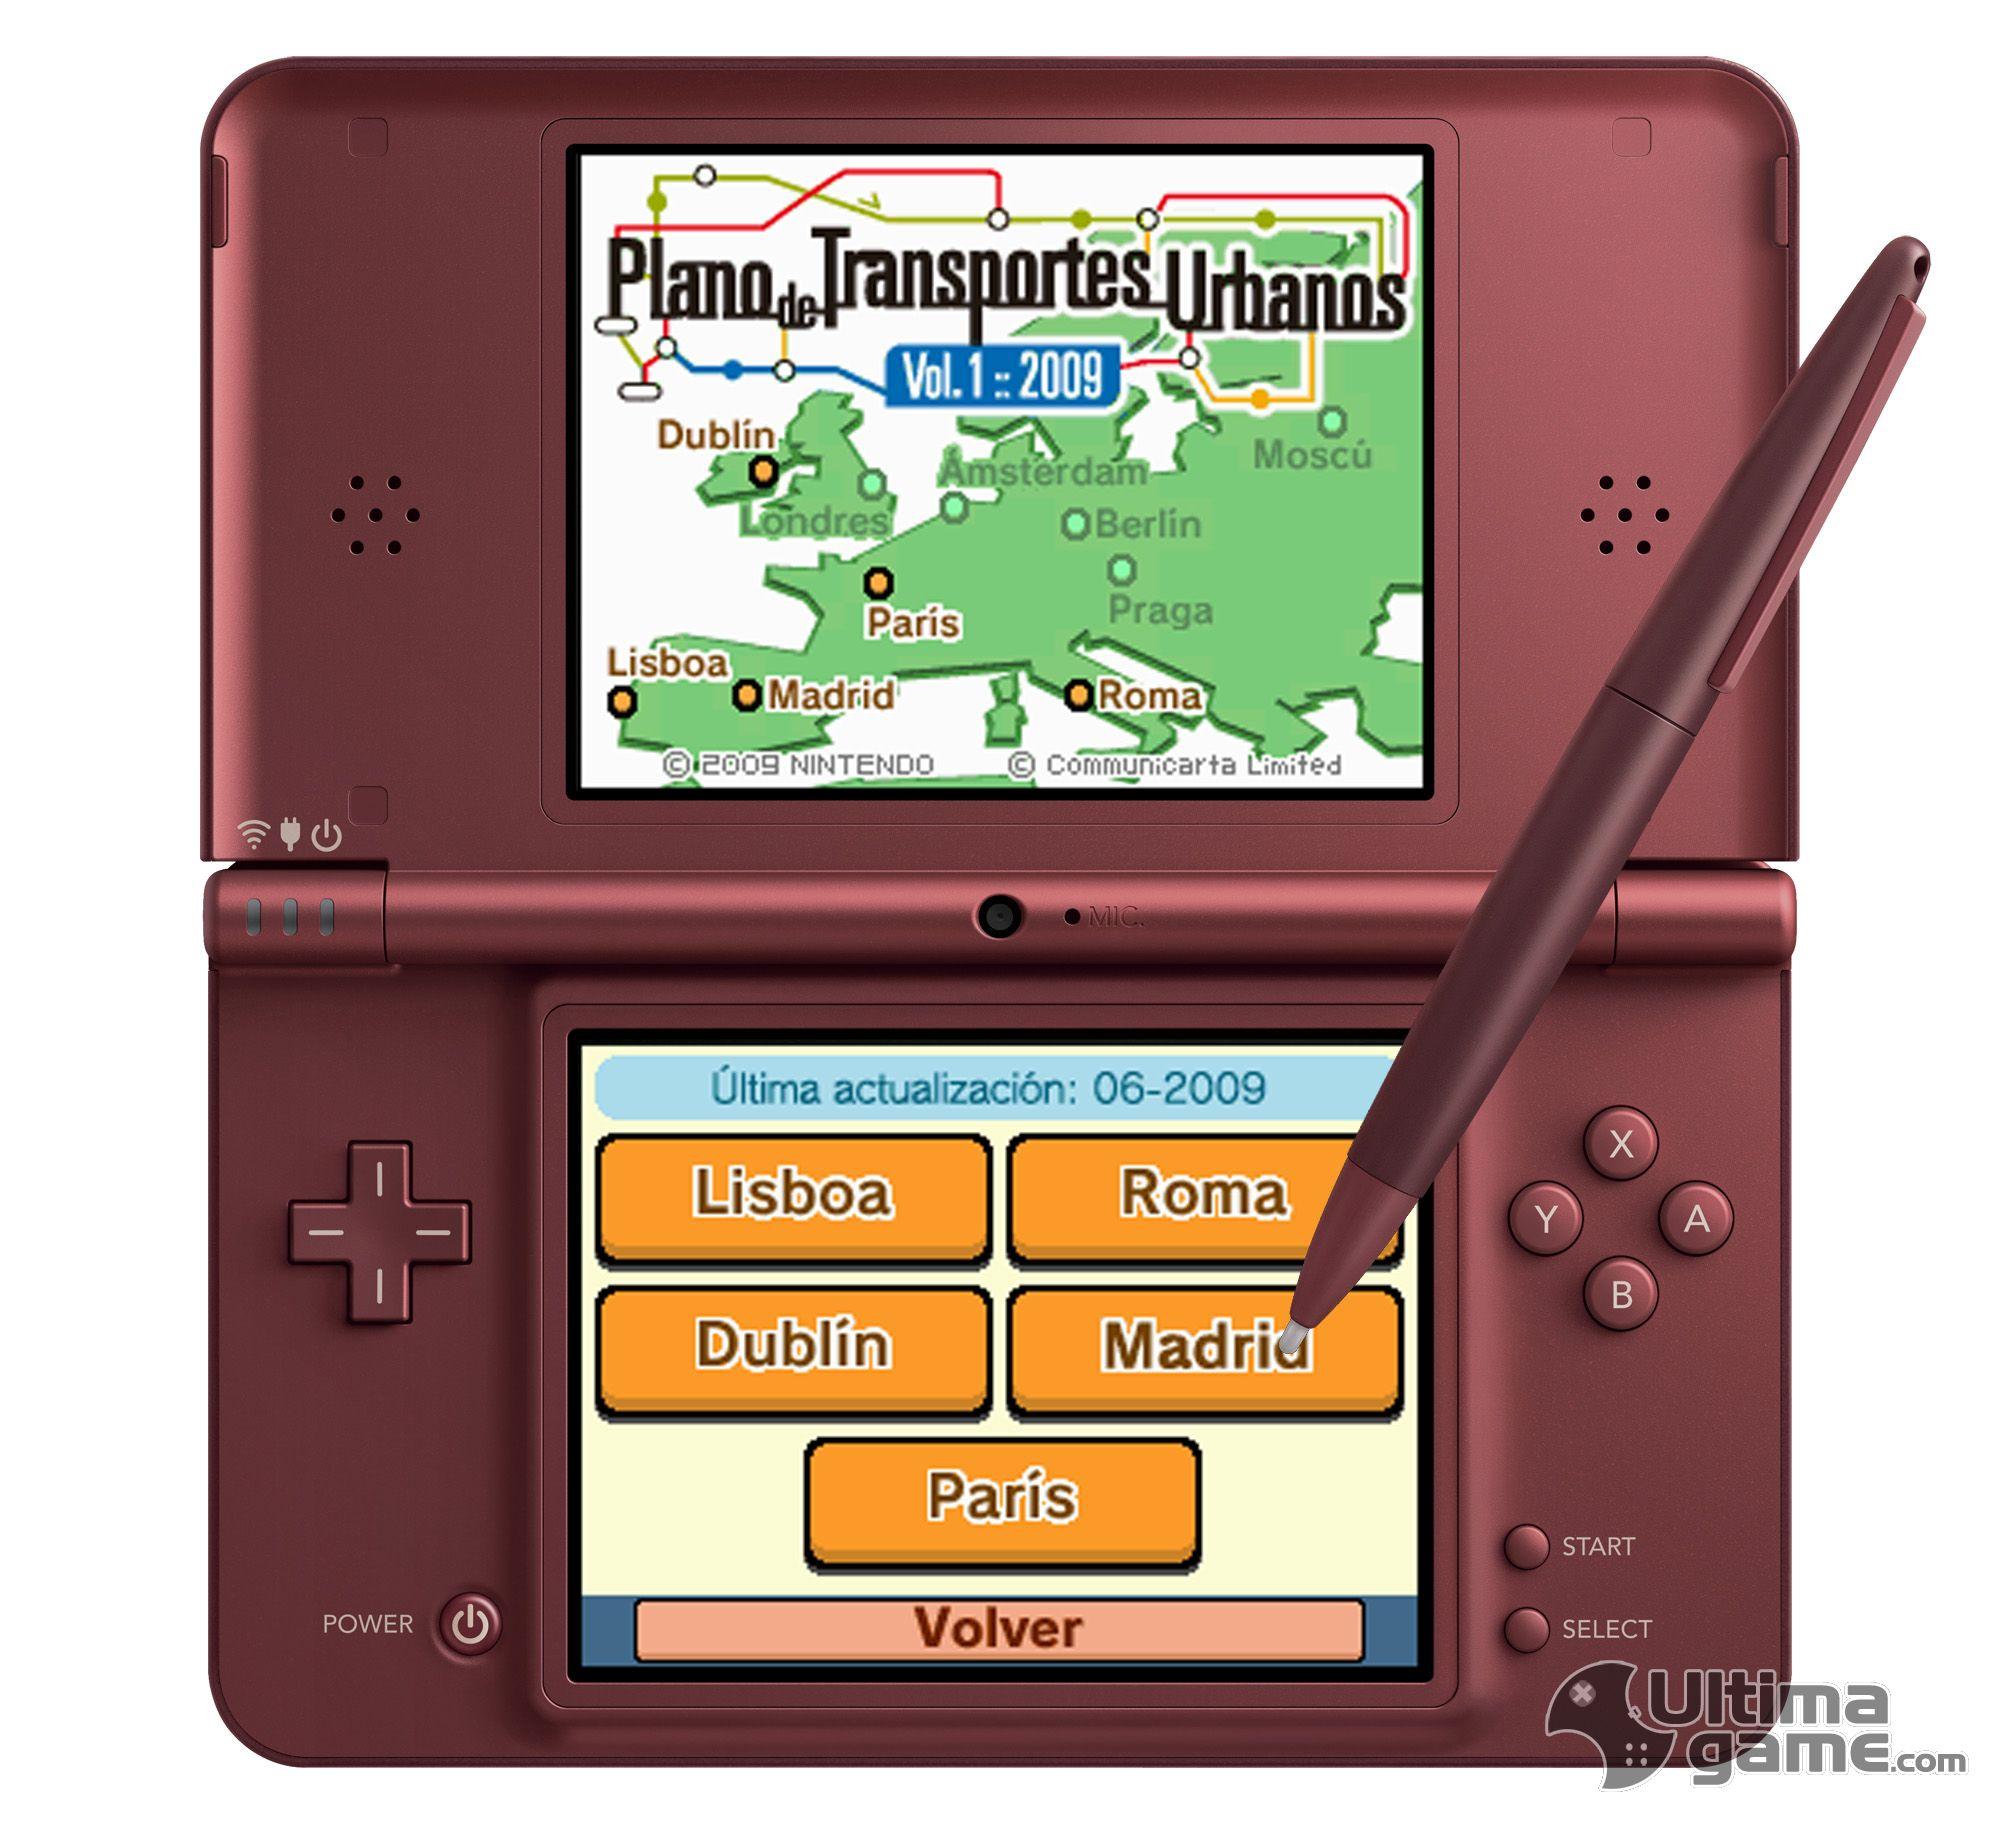 Imágenes de Nintendo DS: Nintendo DSi XL - Las claves del lanzamiento